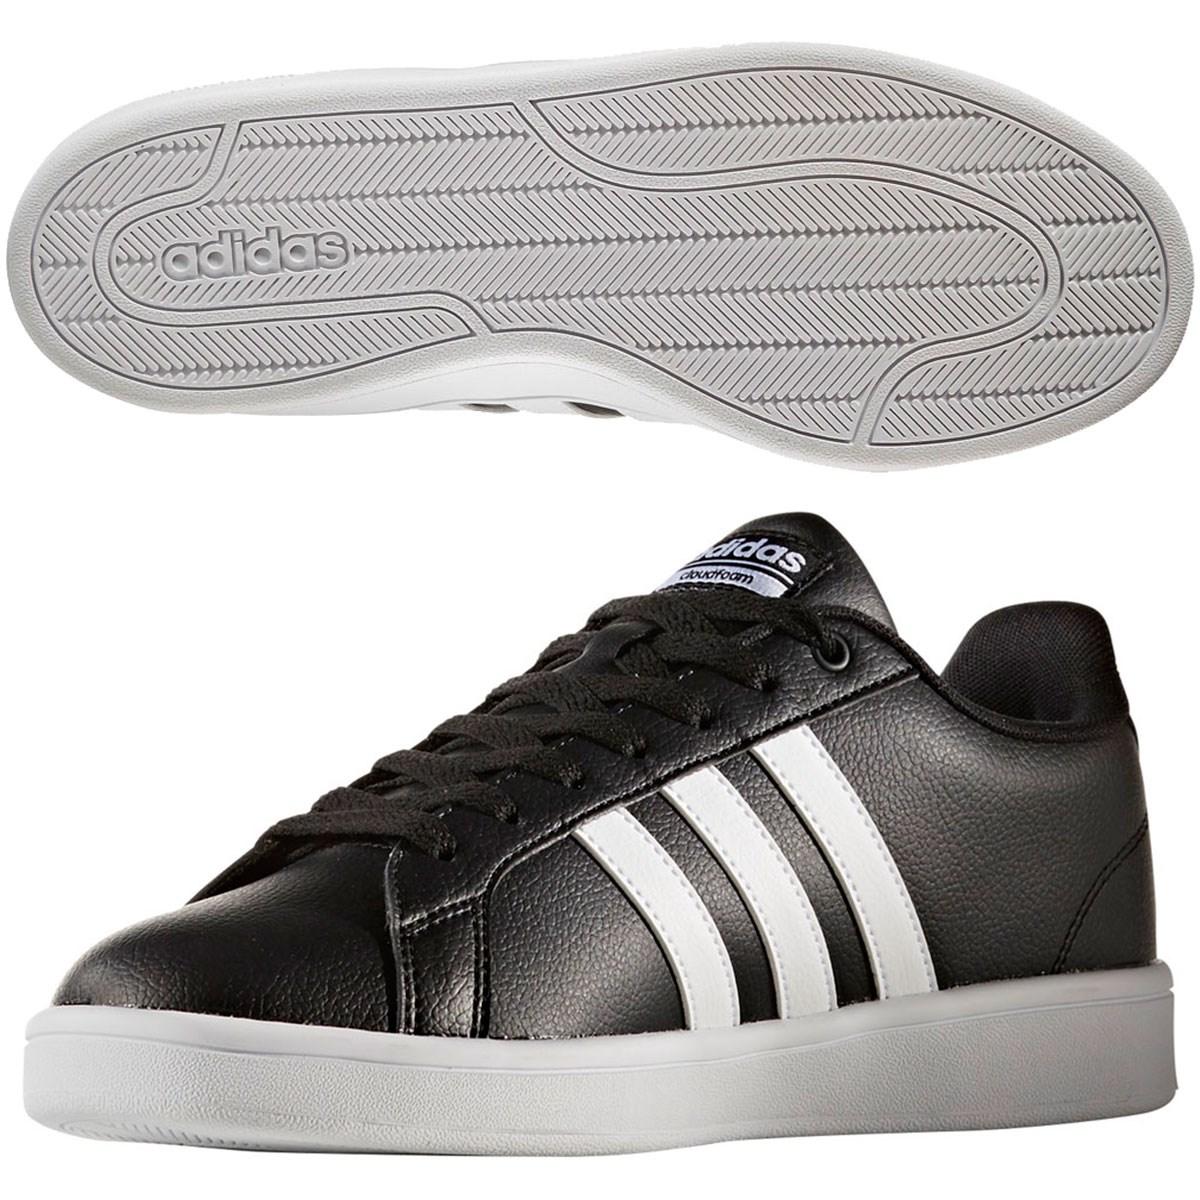 アディダス(adidas) CLOUDFOAM VALSTRIPES シューズ